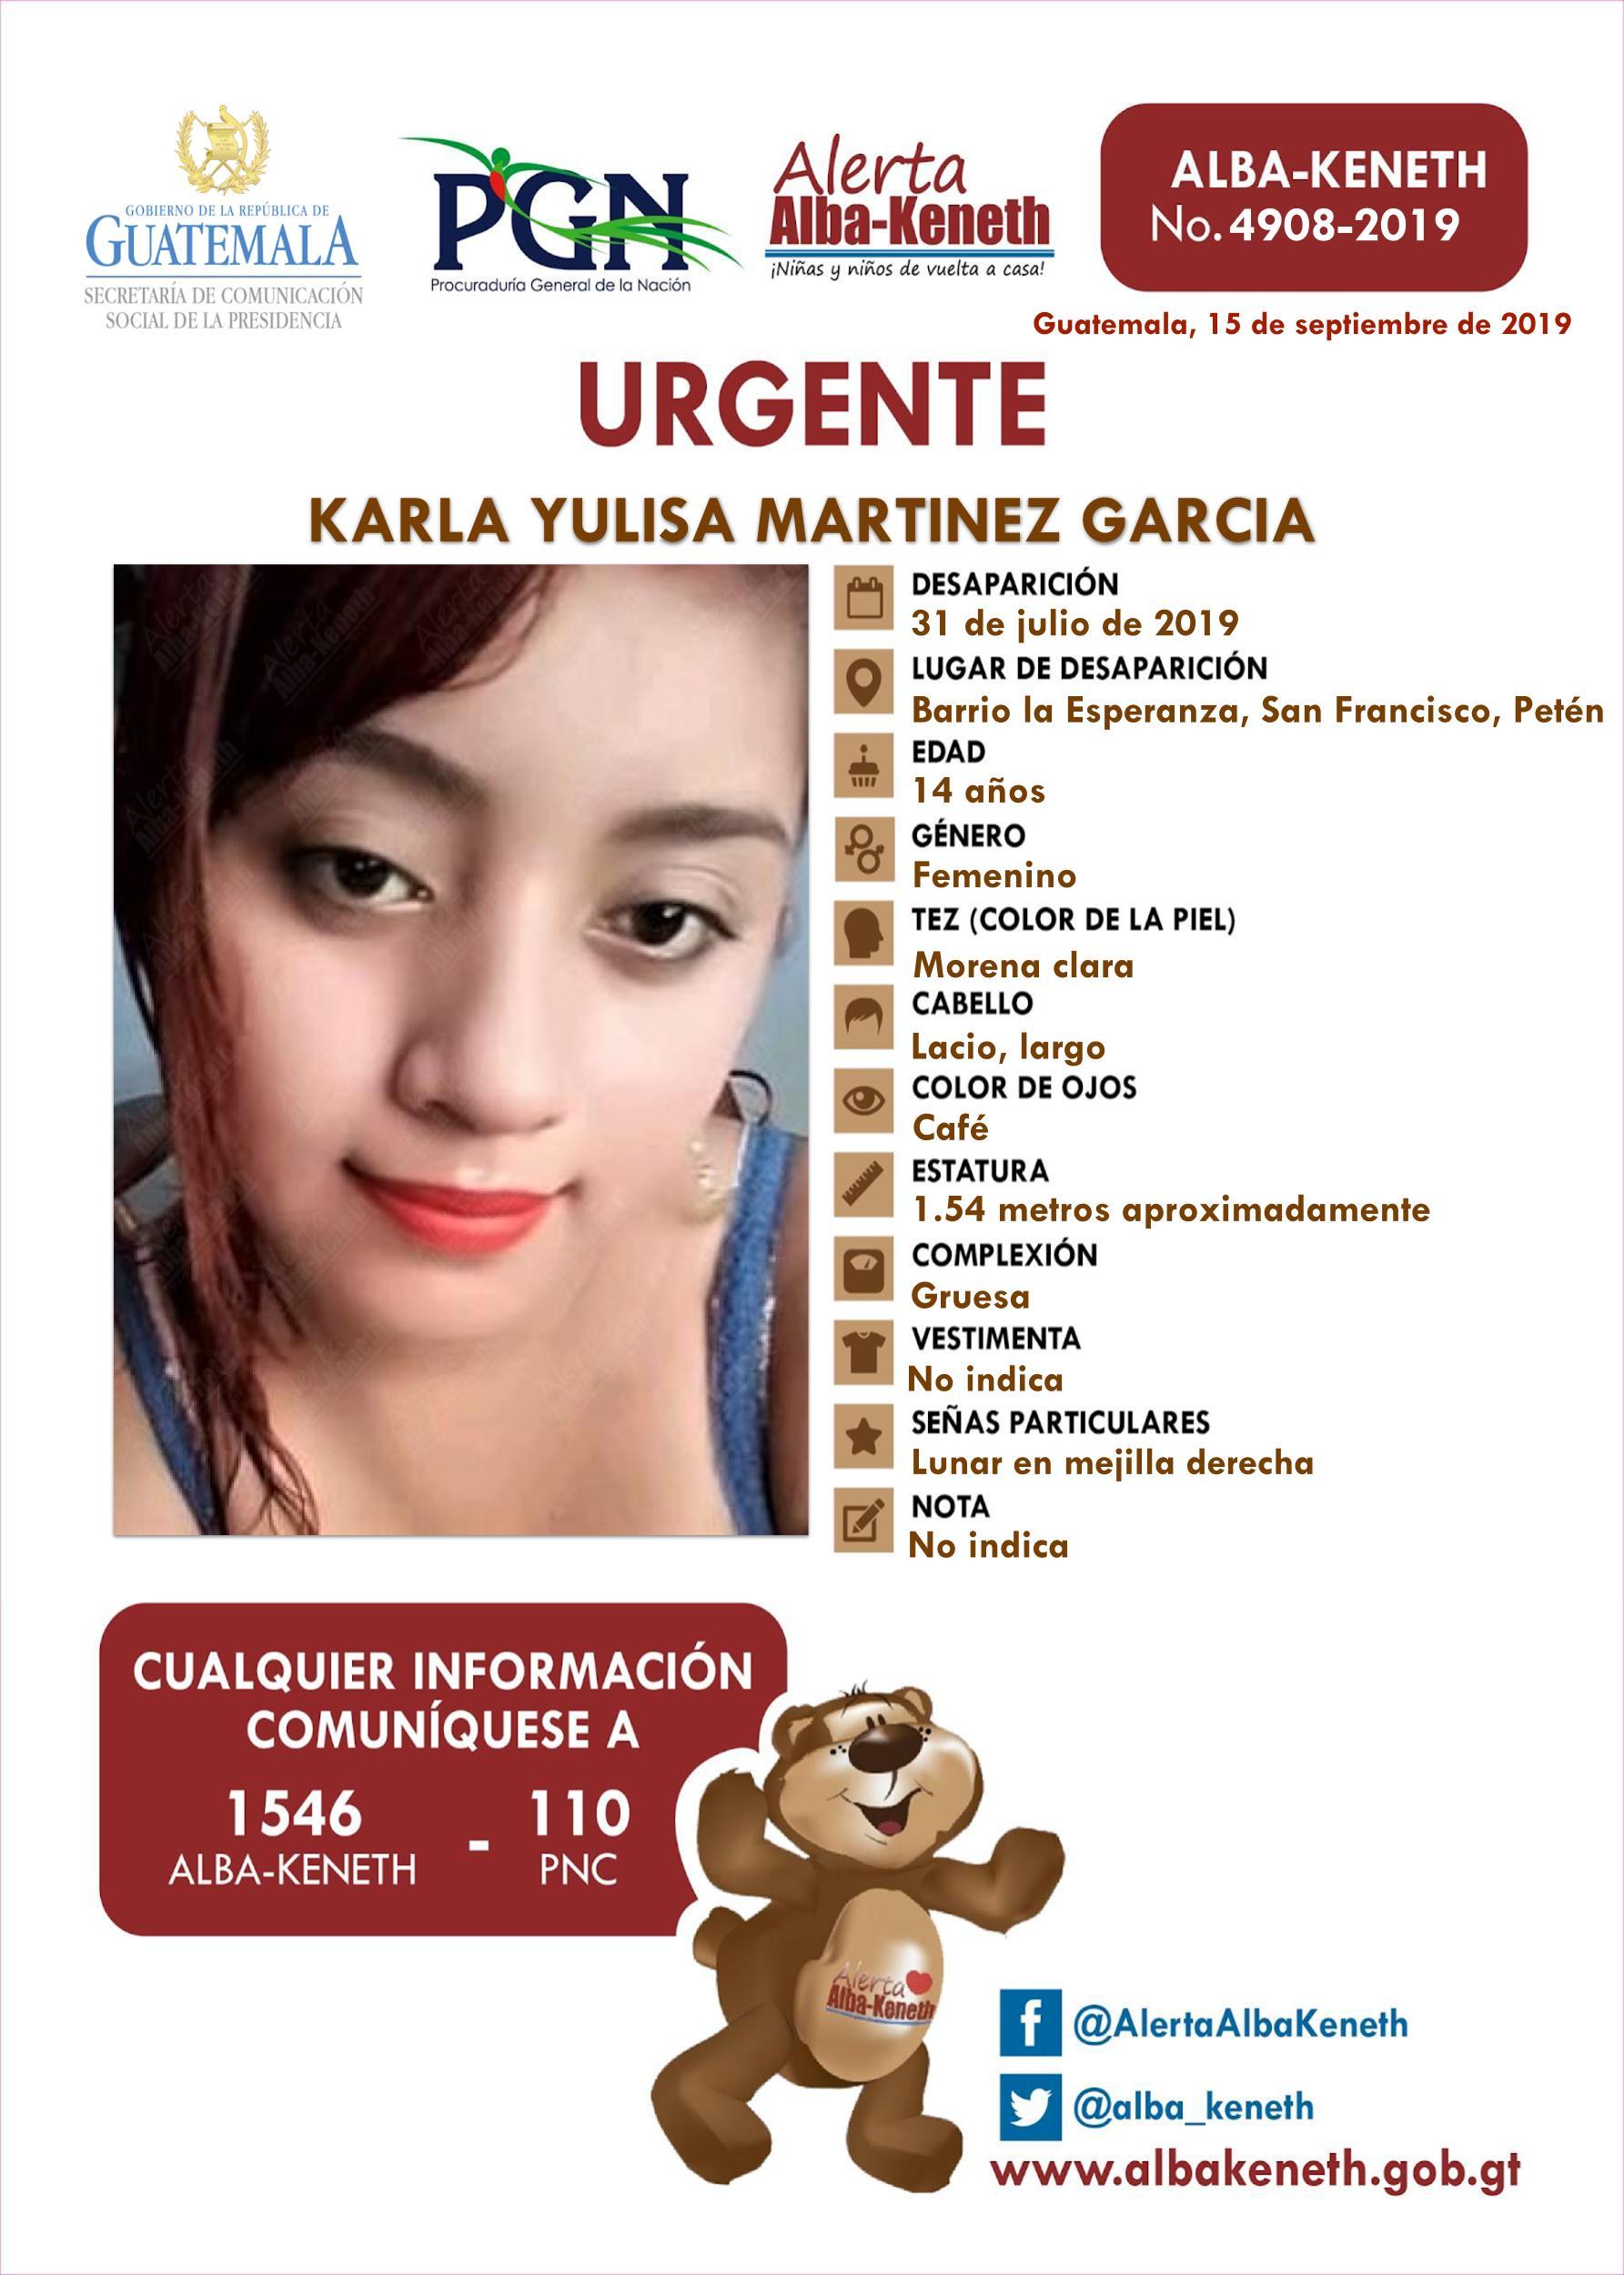 Karla Yulisa Martinez Garcia